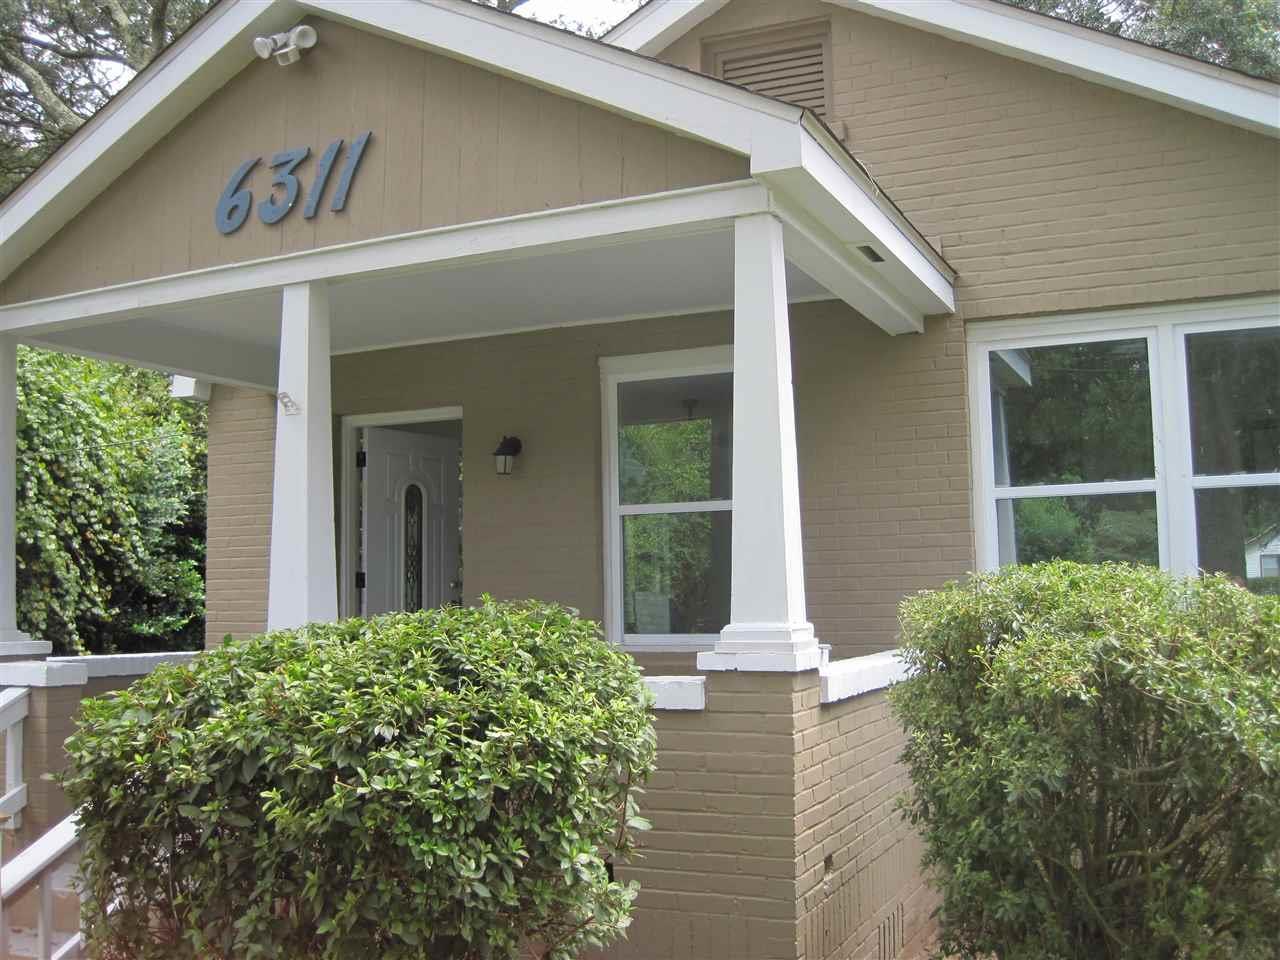 6311 Jackson St, Pensacola, FL 32507